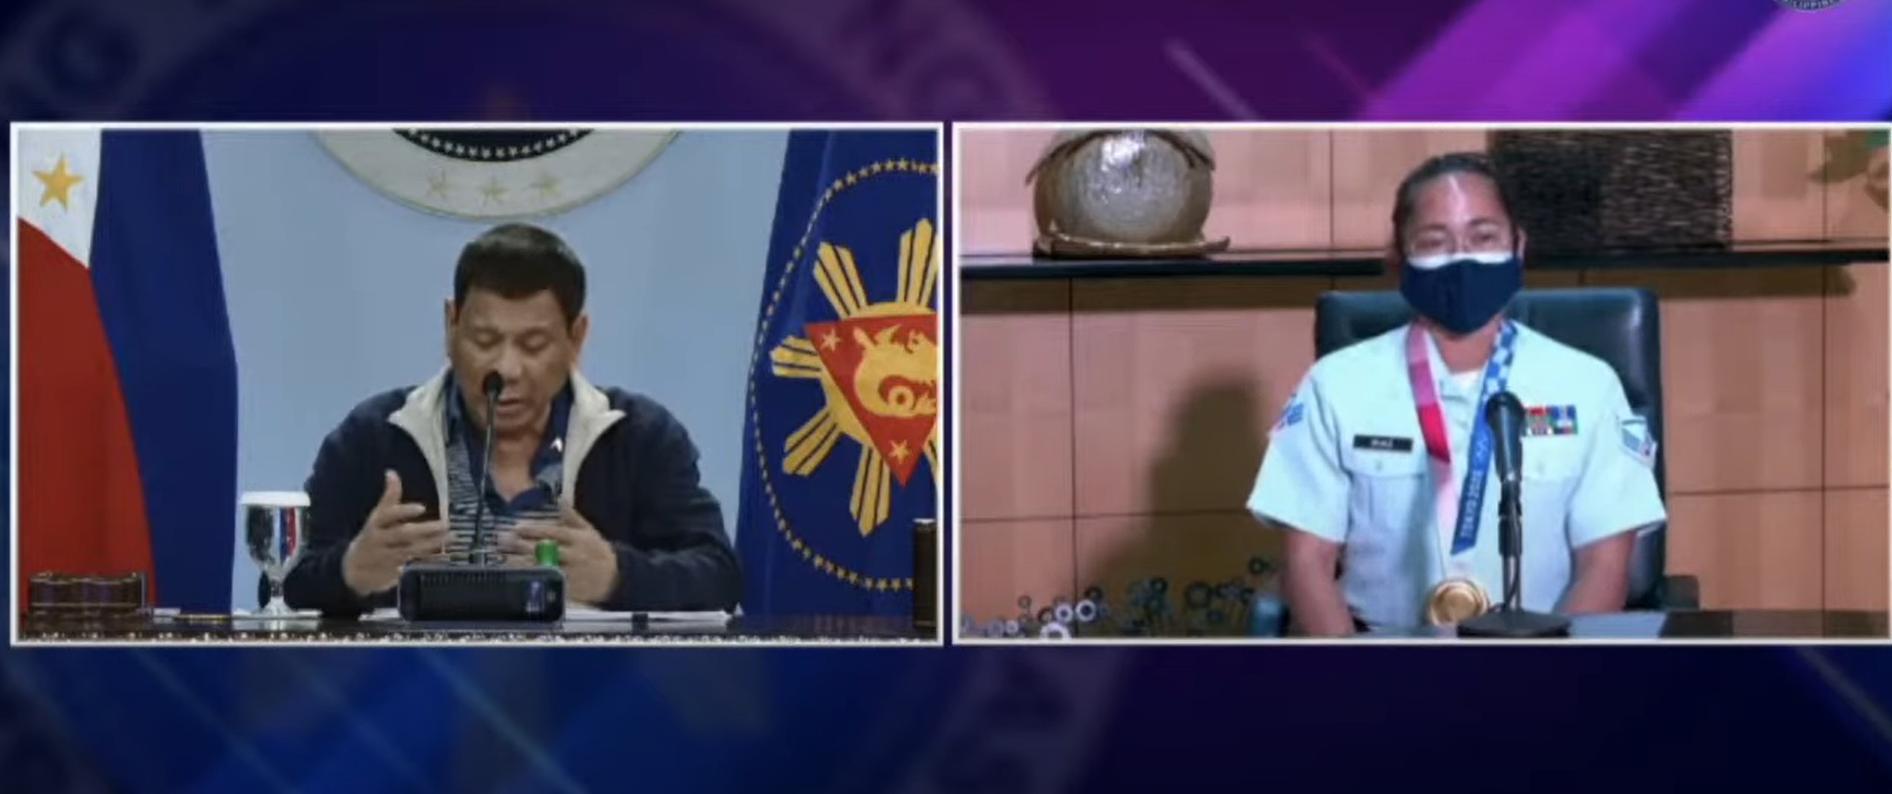 Hidilyn Diaz (phải) trò chuyện với Tổng thống Duterte qua Zoom ngày 28/7. Ảnh chụp màn hình.